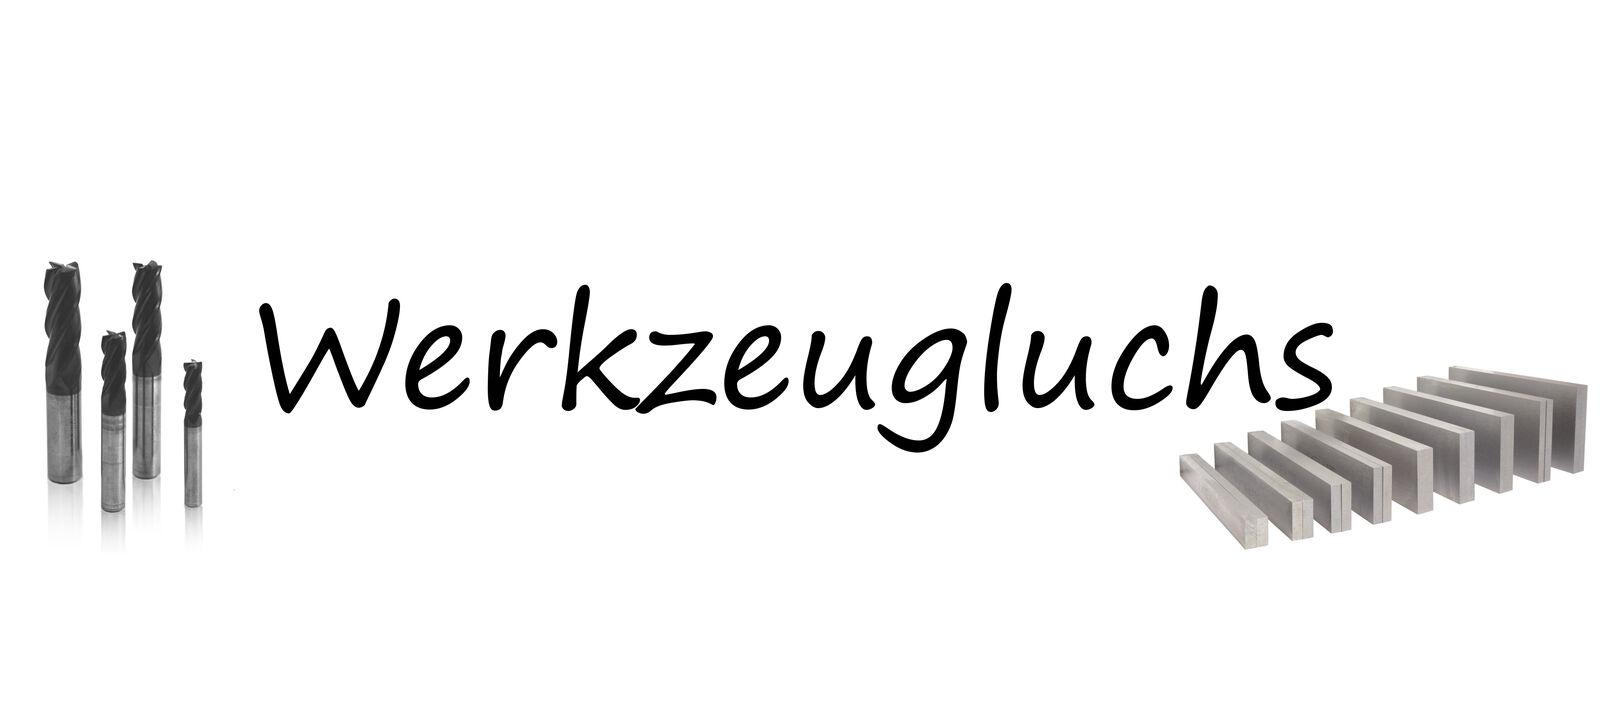 WERKZEUGLUCHS